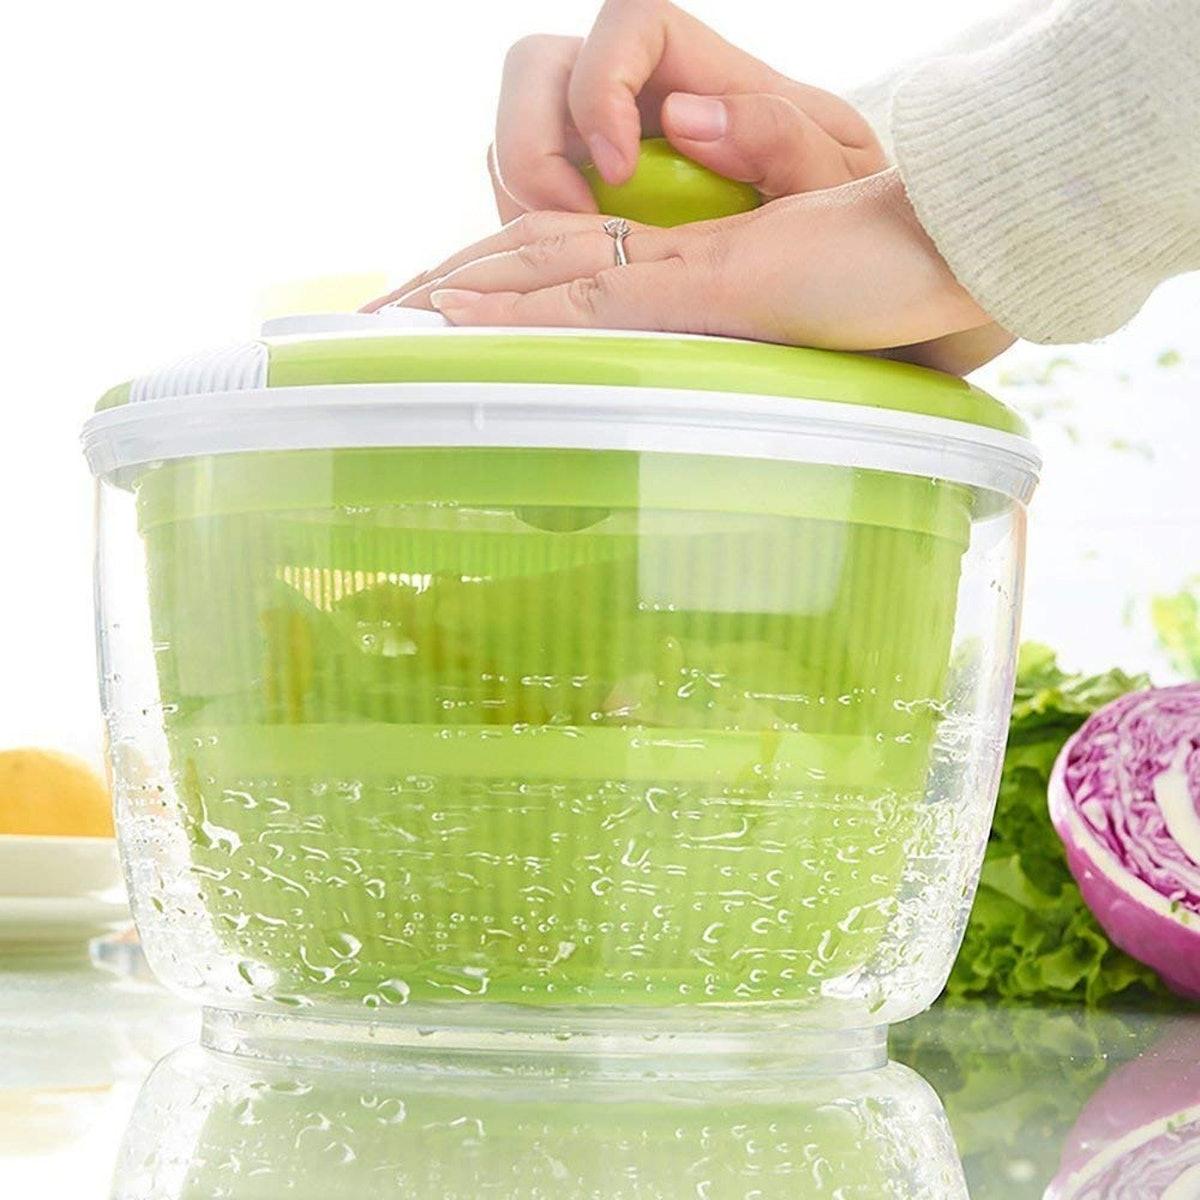 DenSan Salad Spinner